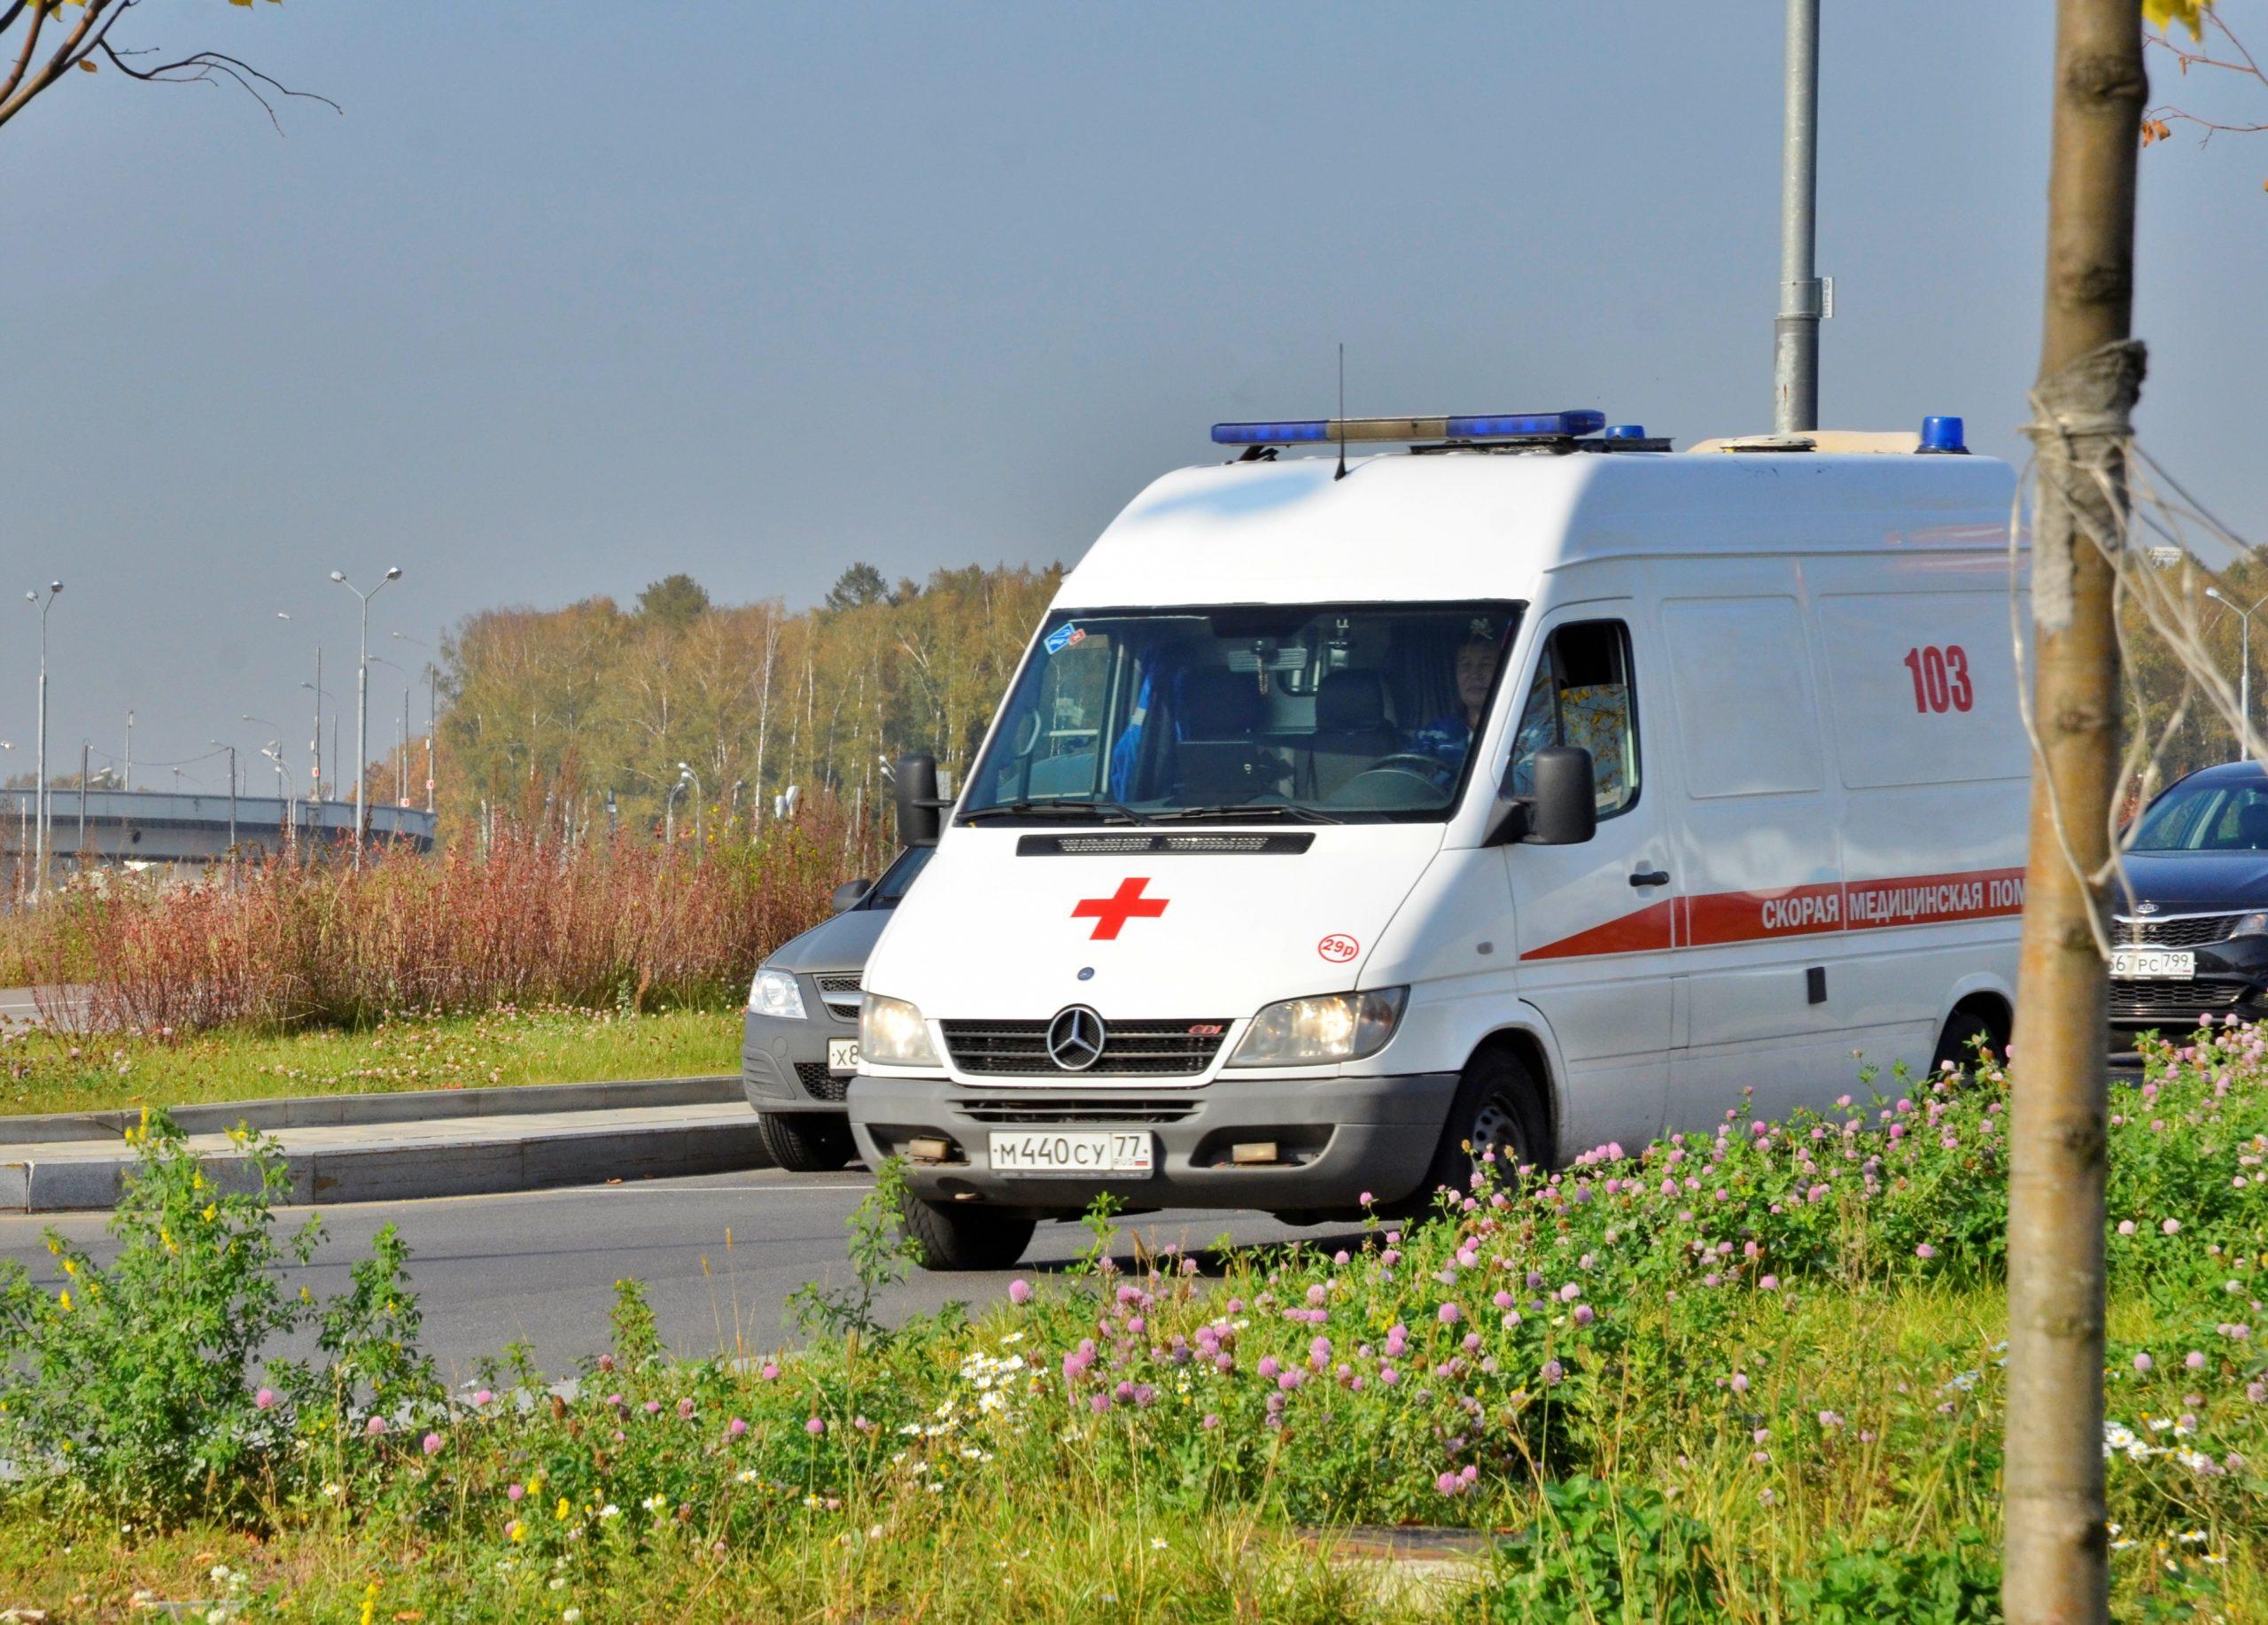 Оперштаб сообщил о новых 2235 случаях заражения COVID-19 в Москве